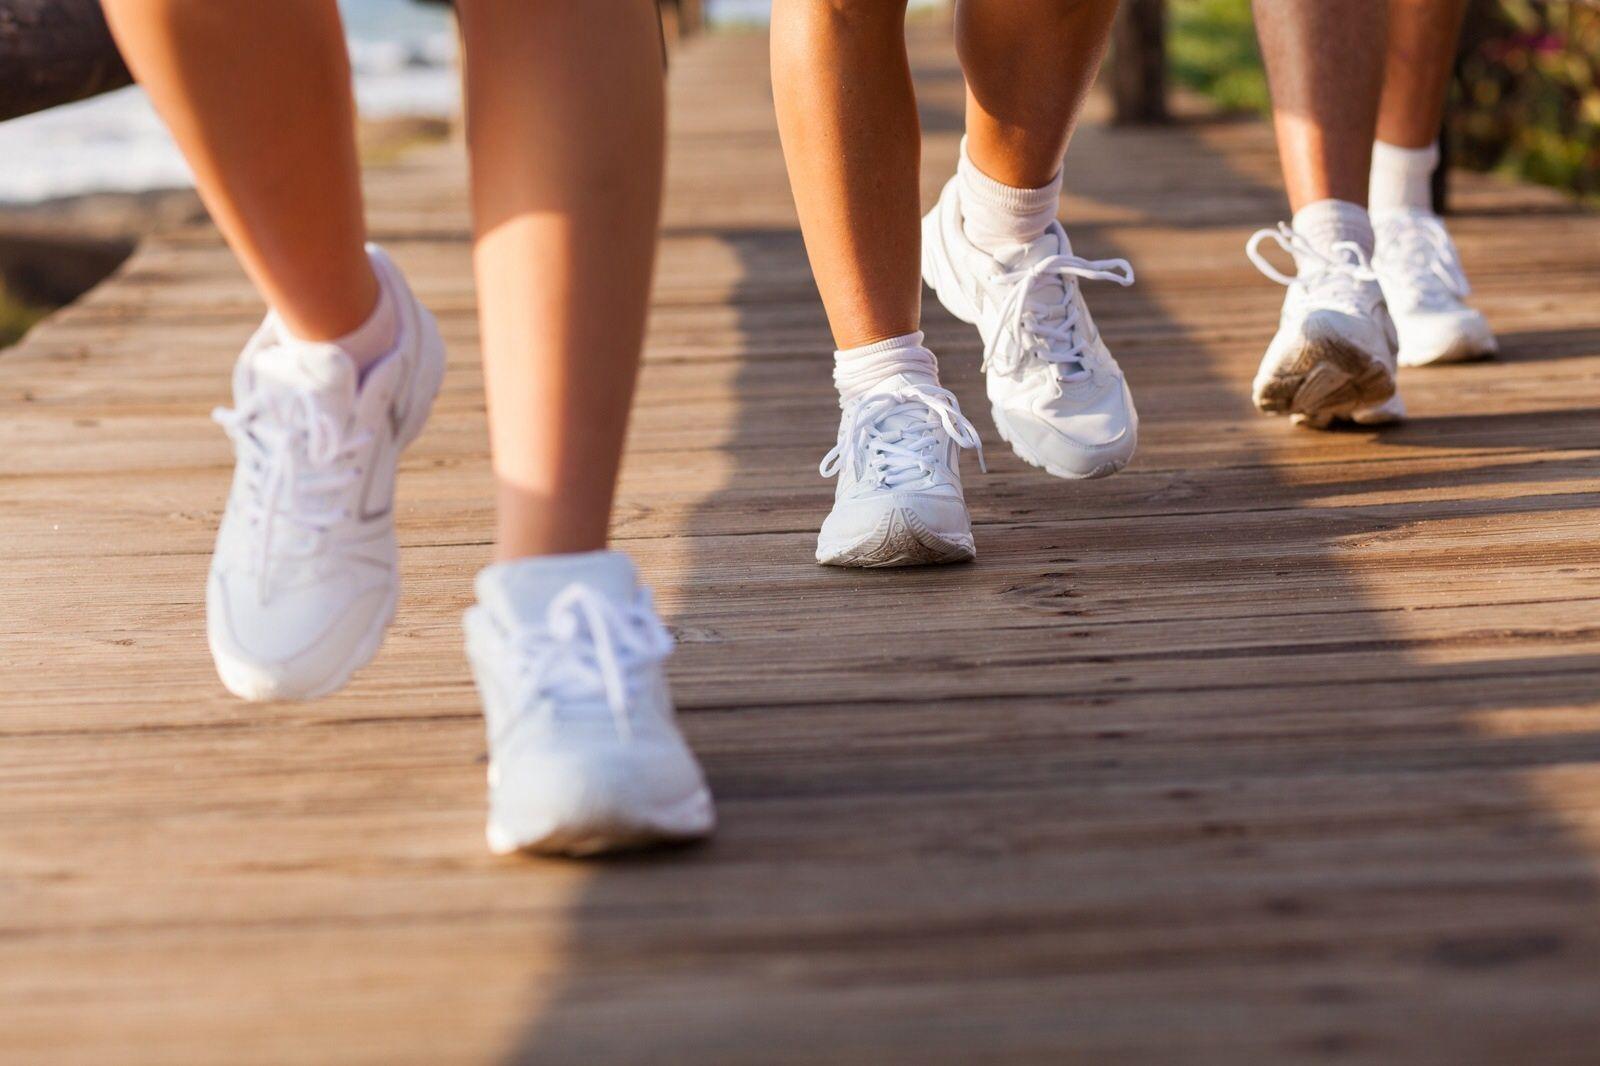 Đi bộ và những lợi ích đối với sức khỏe